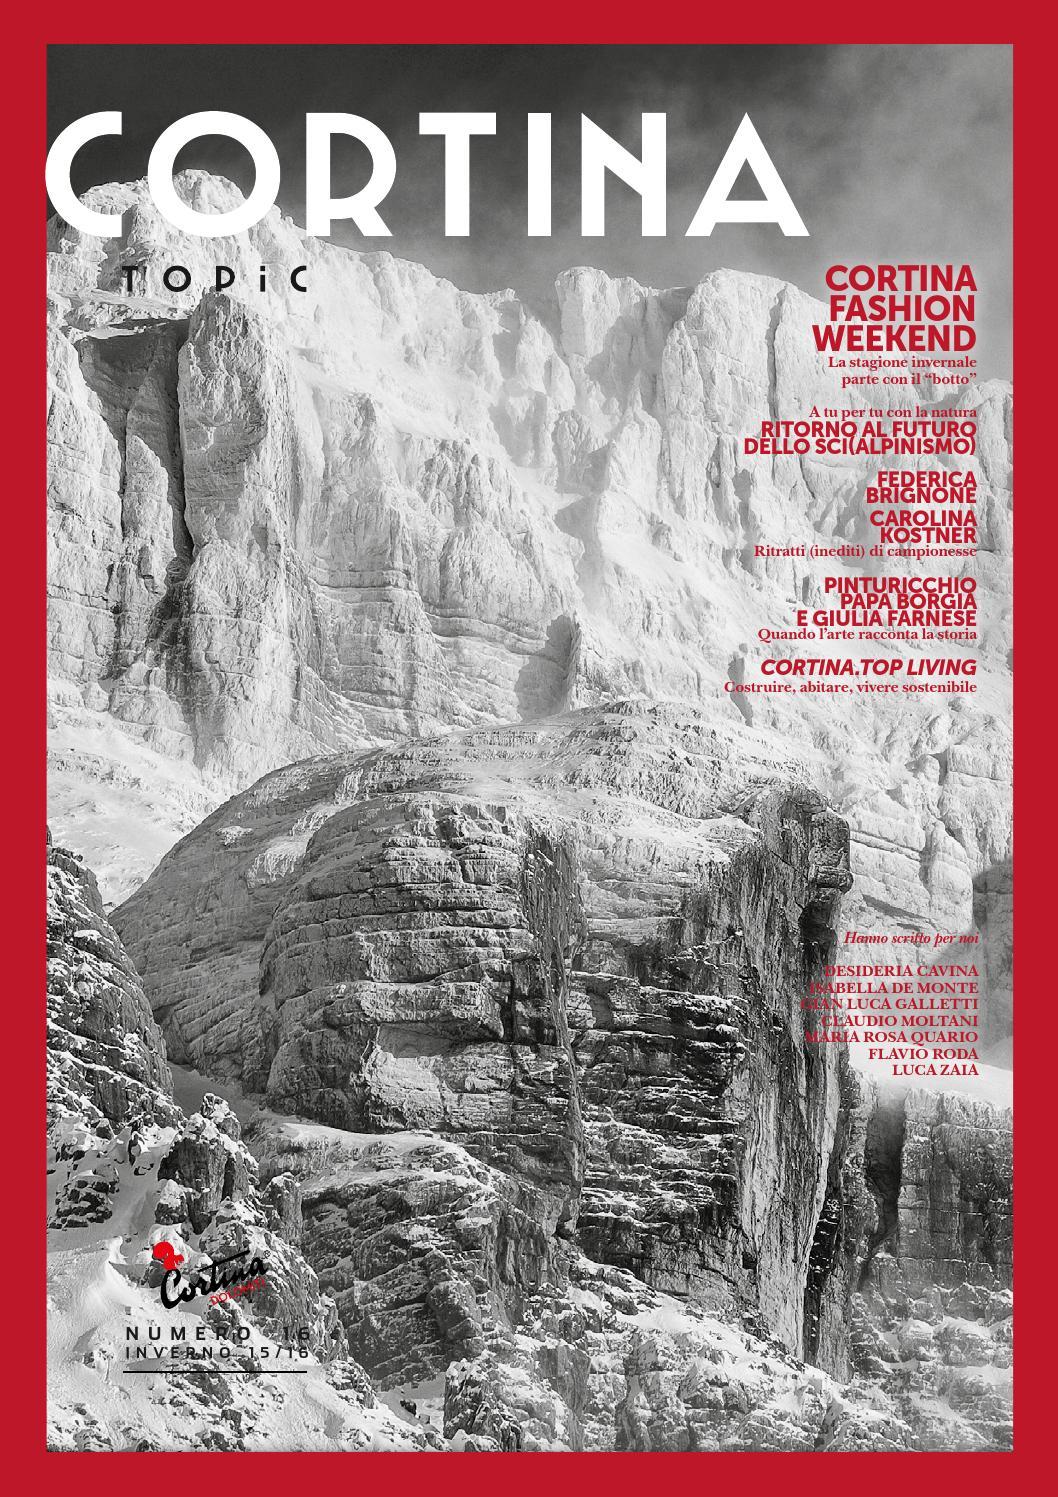 Cortina Topic 16 by Cortina Turismo - issuu fa46d5f26e22